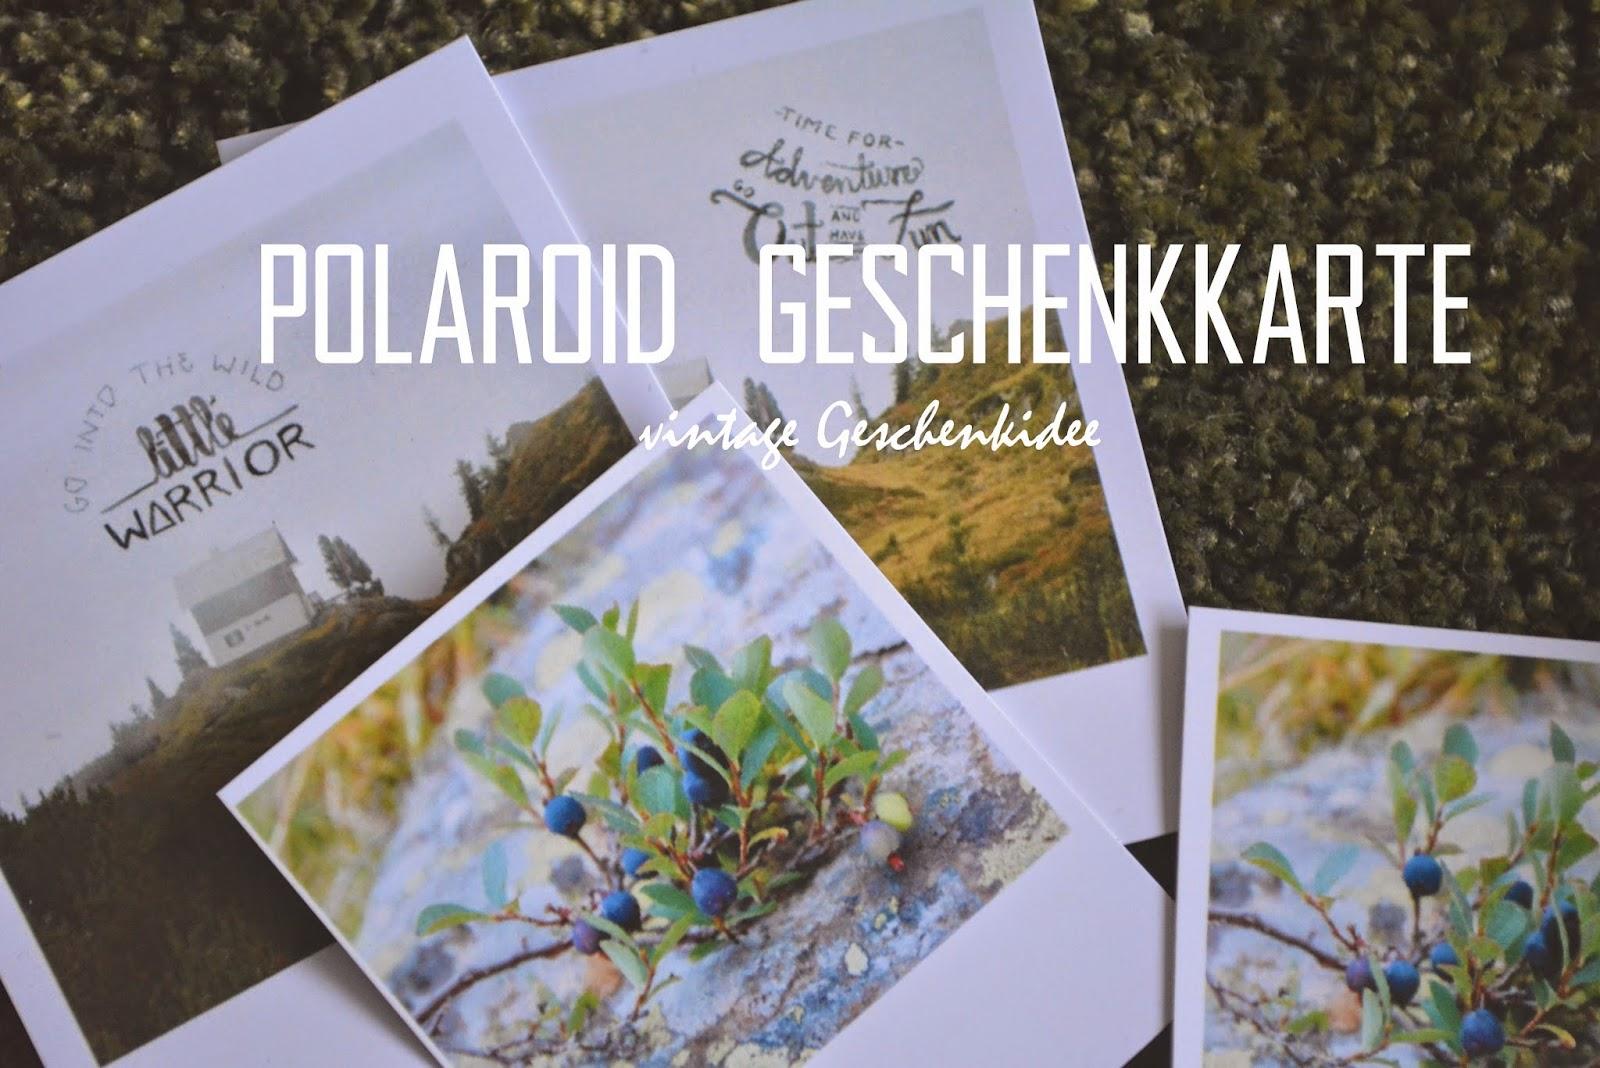 http://pia-malagala.blogspot.de/2014/12/polaroid-geschenkkartchen.html